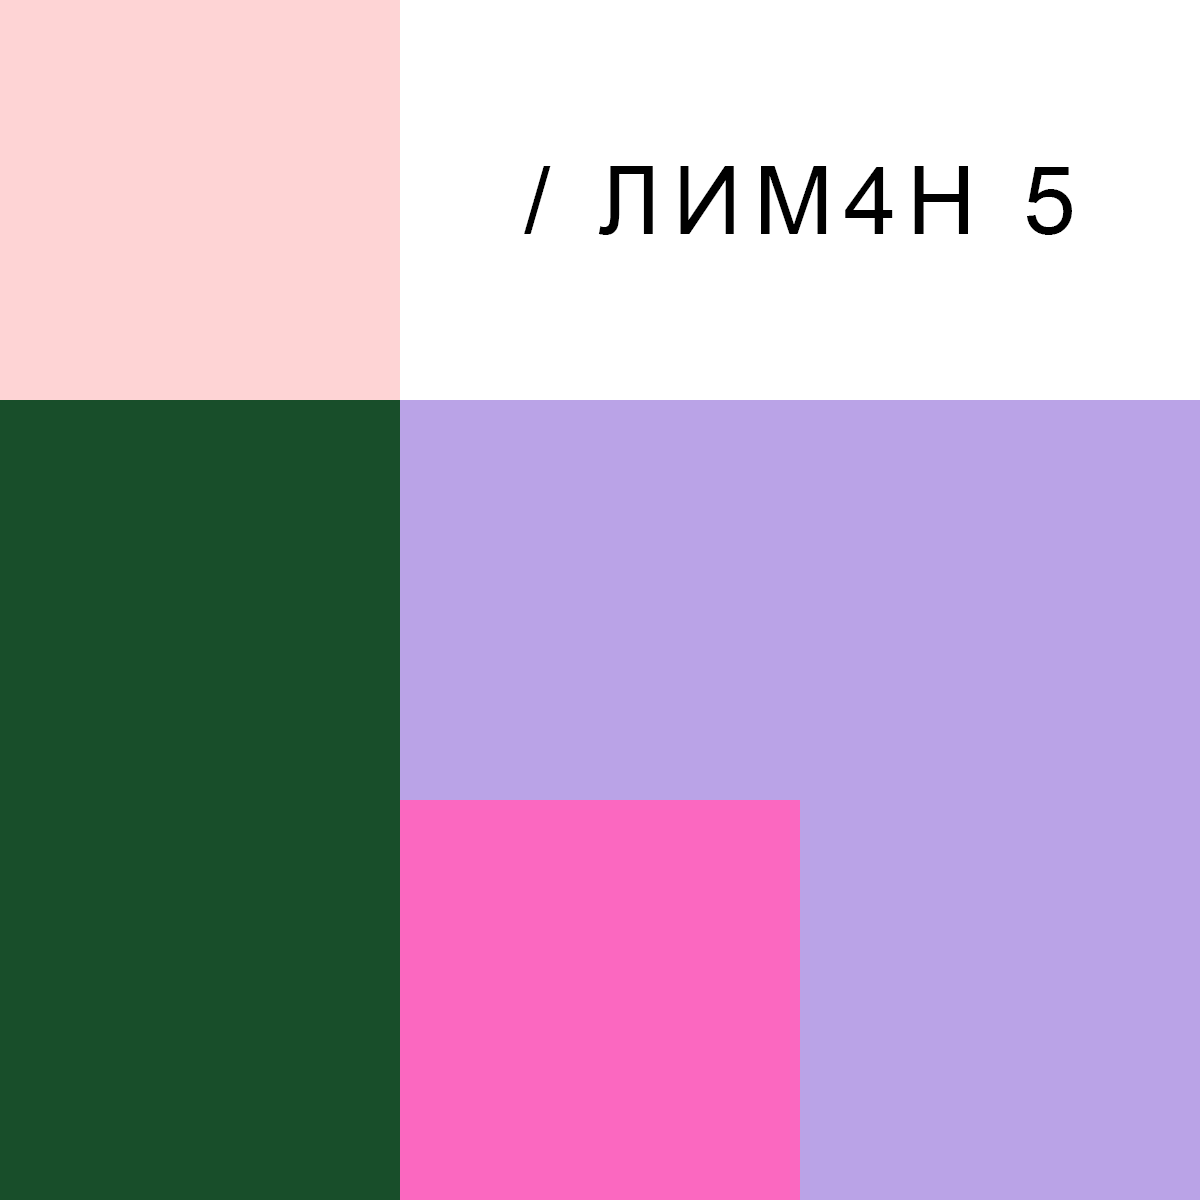 liman 5